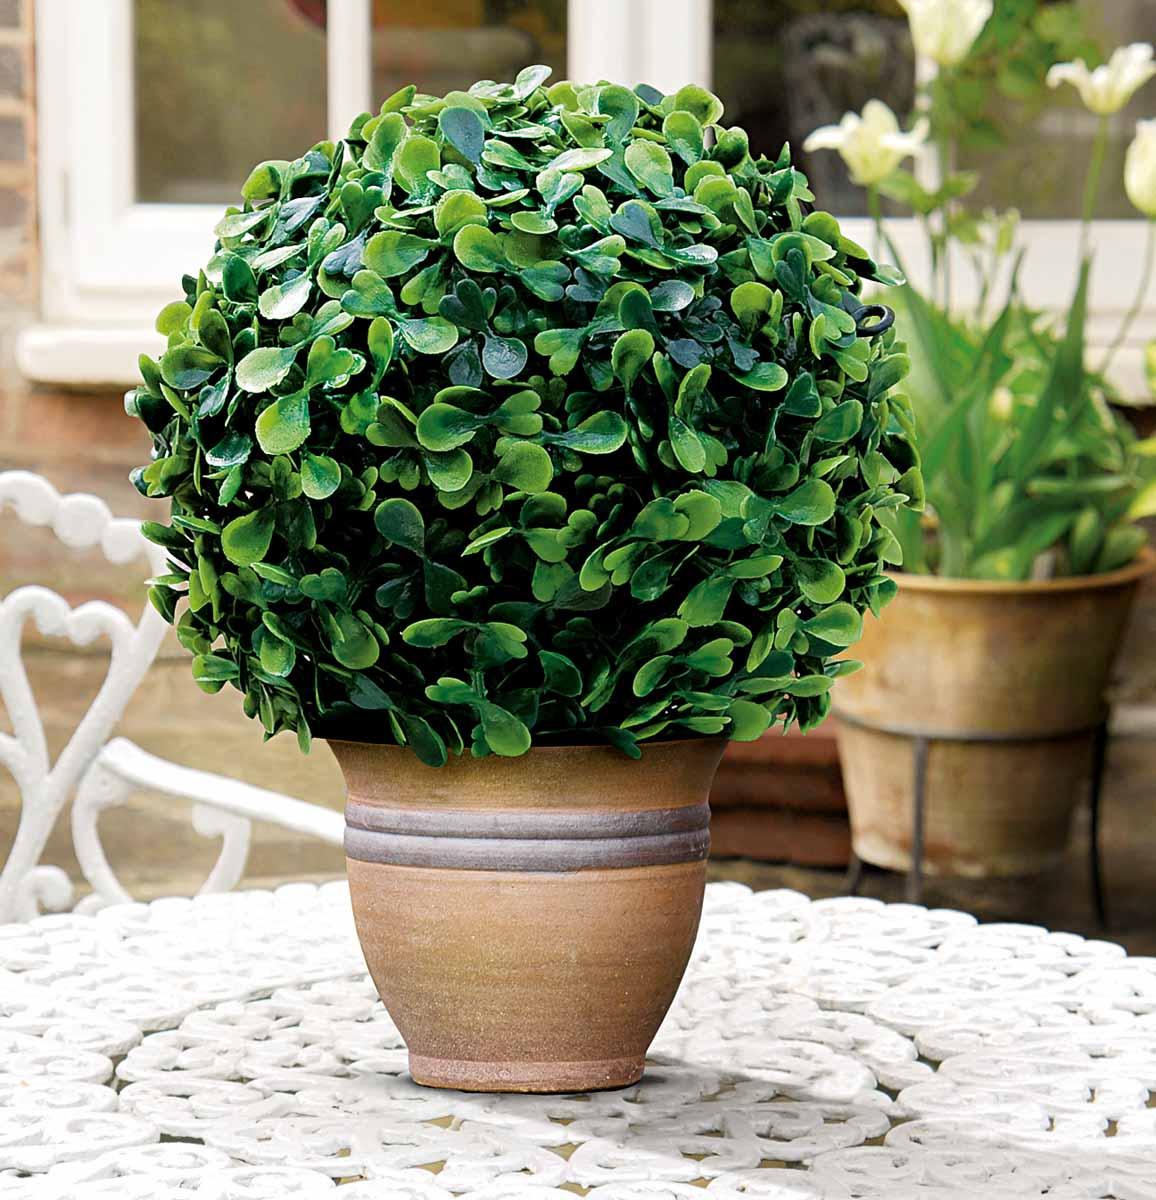 Искусственное растение Gardman Topiary Ball. Самшит, цвет: зеленый, диаметр 30 см02819Искусственное растение Gardman Topiary Ball выполнено из пластика в виде шара. Листья растения зеленого цвета имитируют самшит. Вы можете поместить растение в горшок, где оно будет очень эффектно смотреться. Растение устойчиво к воздействиям внешней среды, таким как влажность, солнце, перепады температуры, не выцветает со временем. Искусственное растение Gardman Topiary Ball великолепно украсит интерьер офиса, дома или сада.